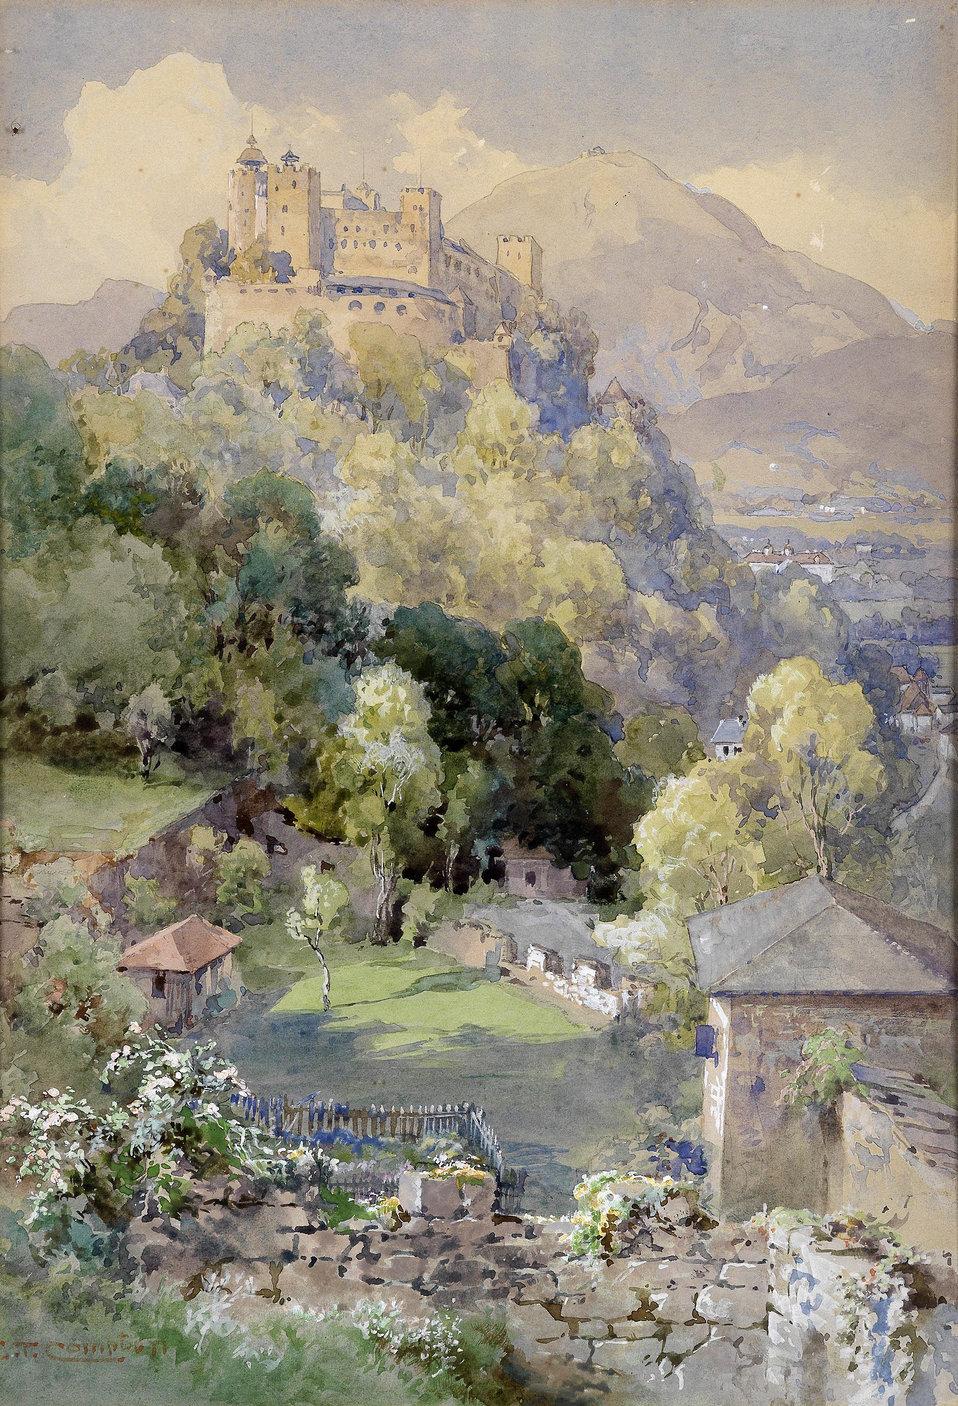 Blick auf die Festung Hohenwerfen in Salzburg, signiert E. T. Compton, Aquarell und Deckweiß auf Papier, 34,5 x 24 cm